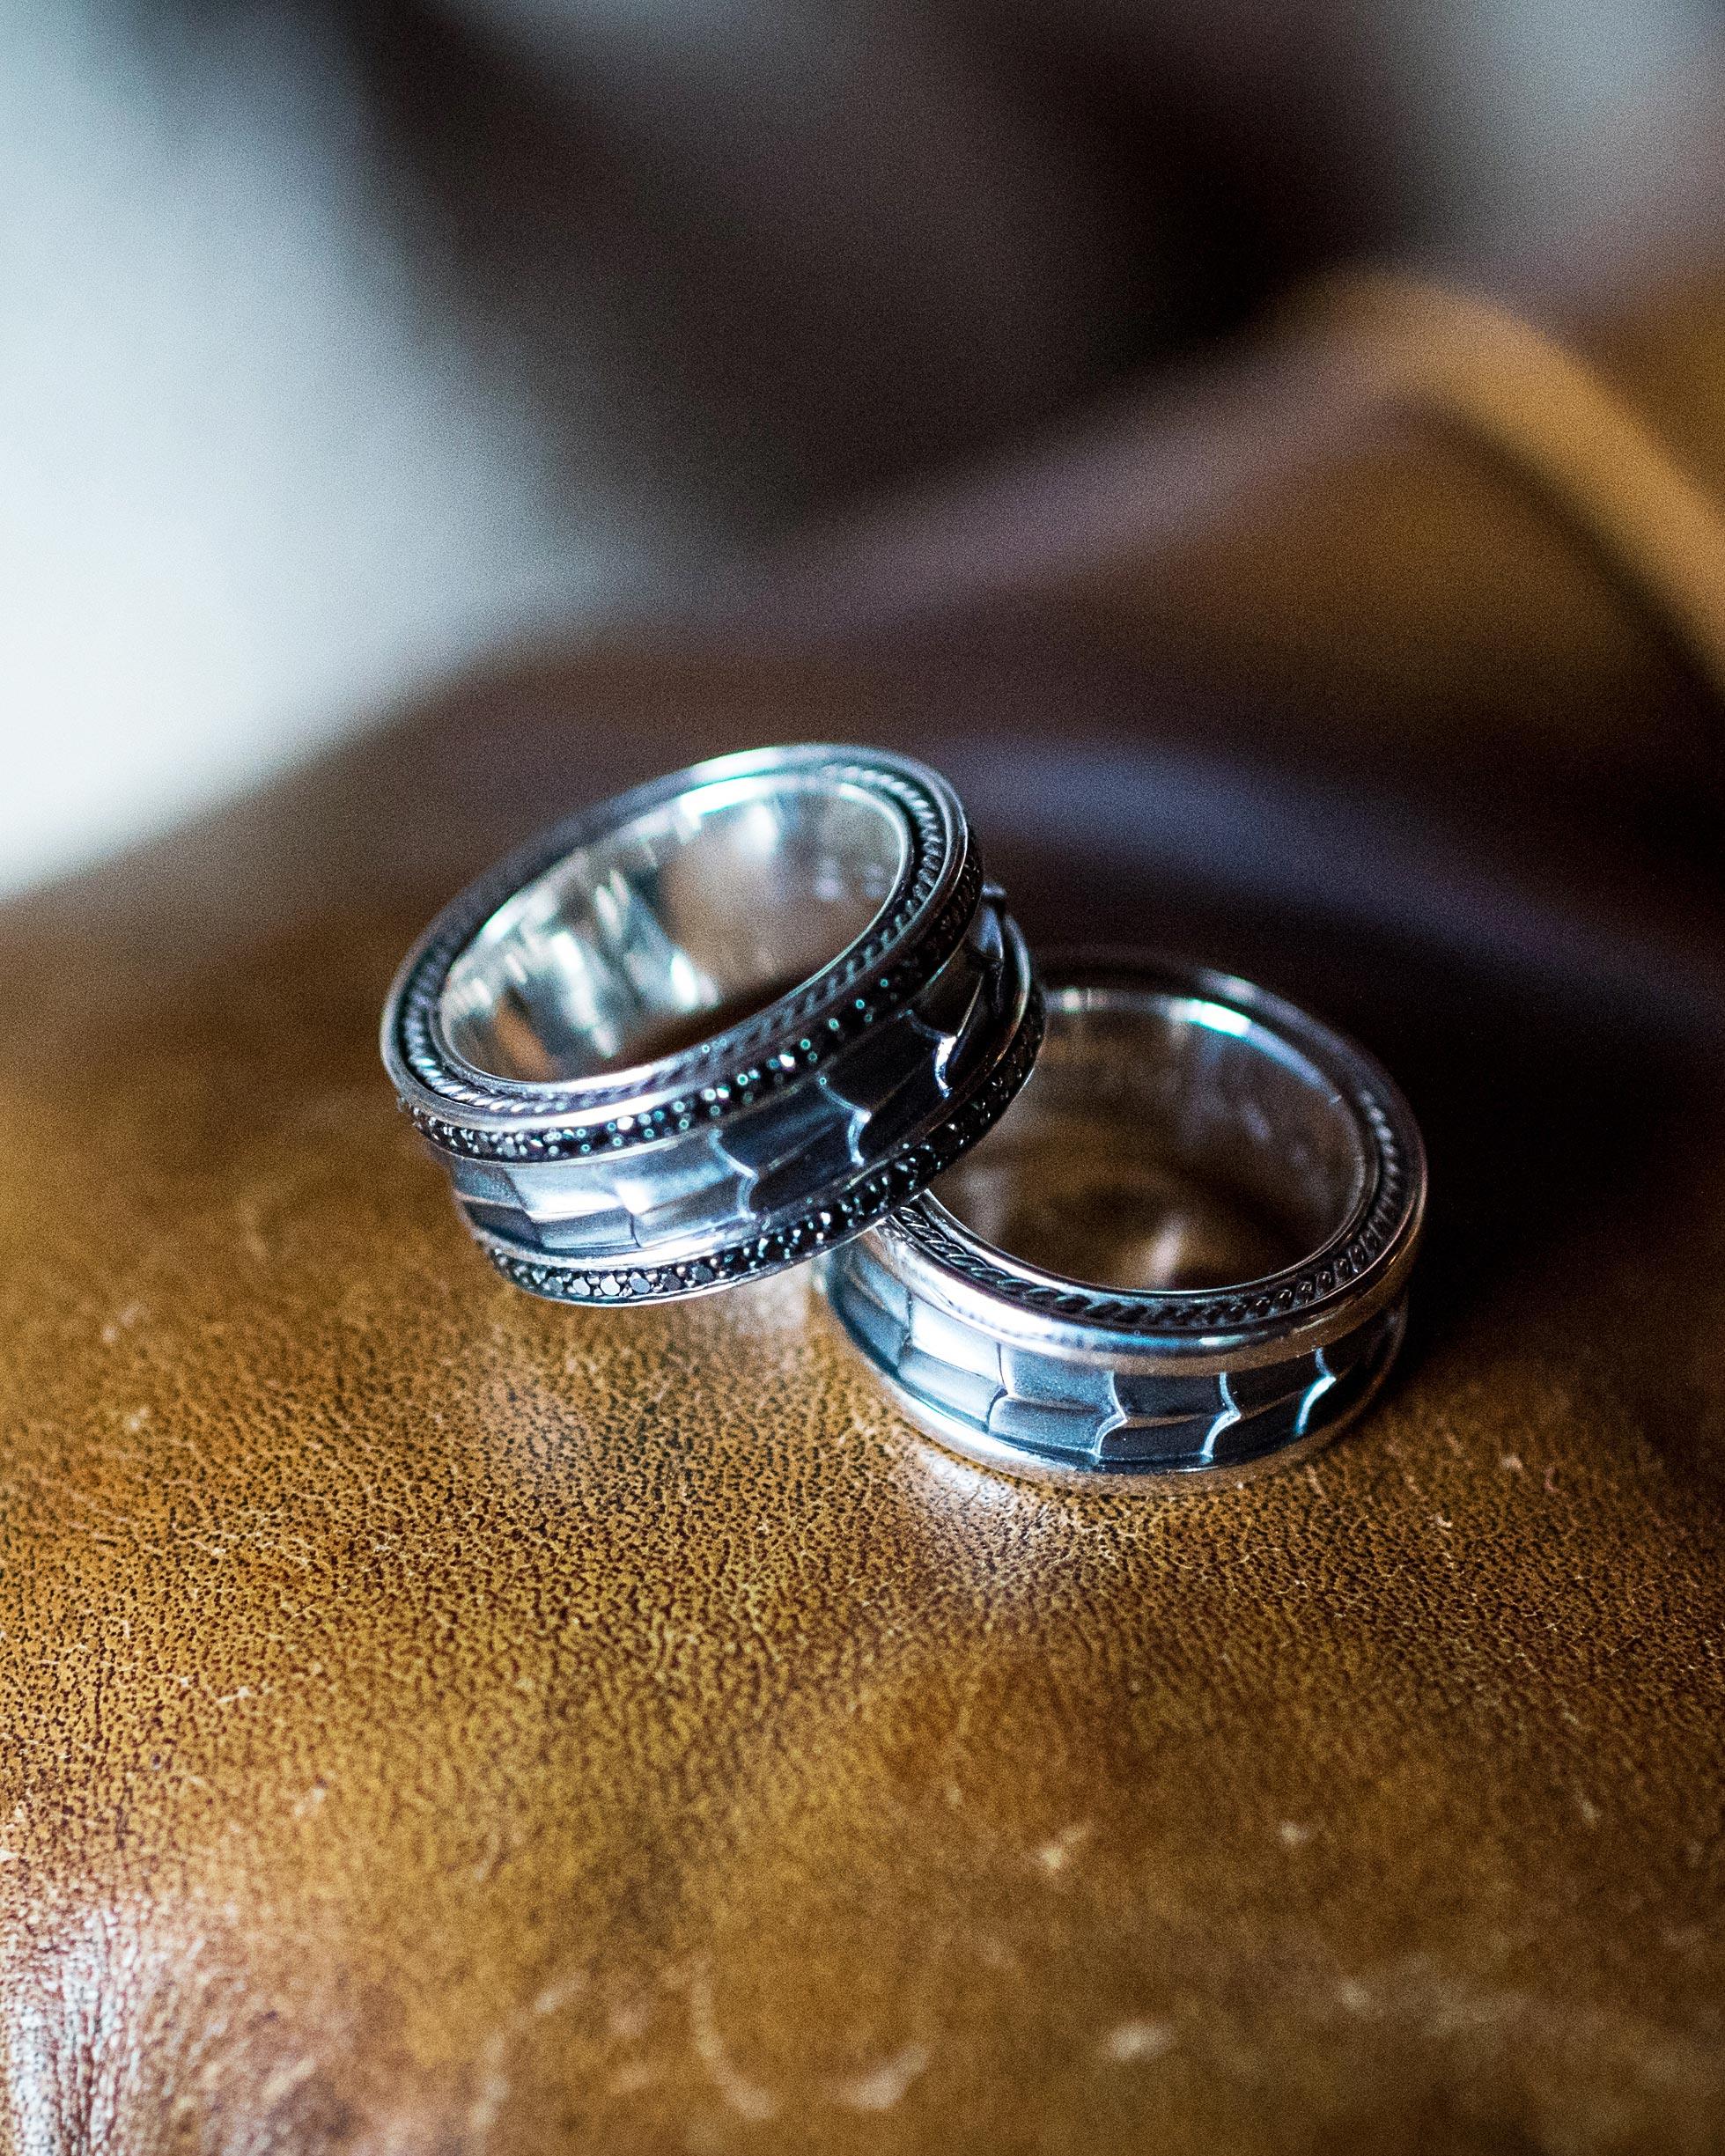 christopher-stephen-wedding-rings-0061-s112787-0416.jpg